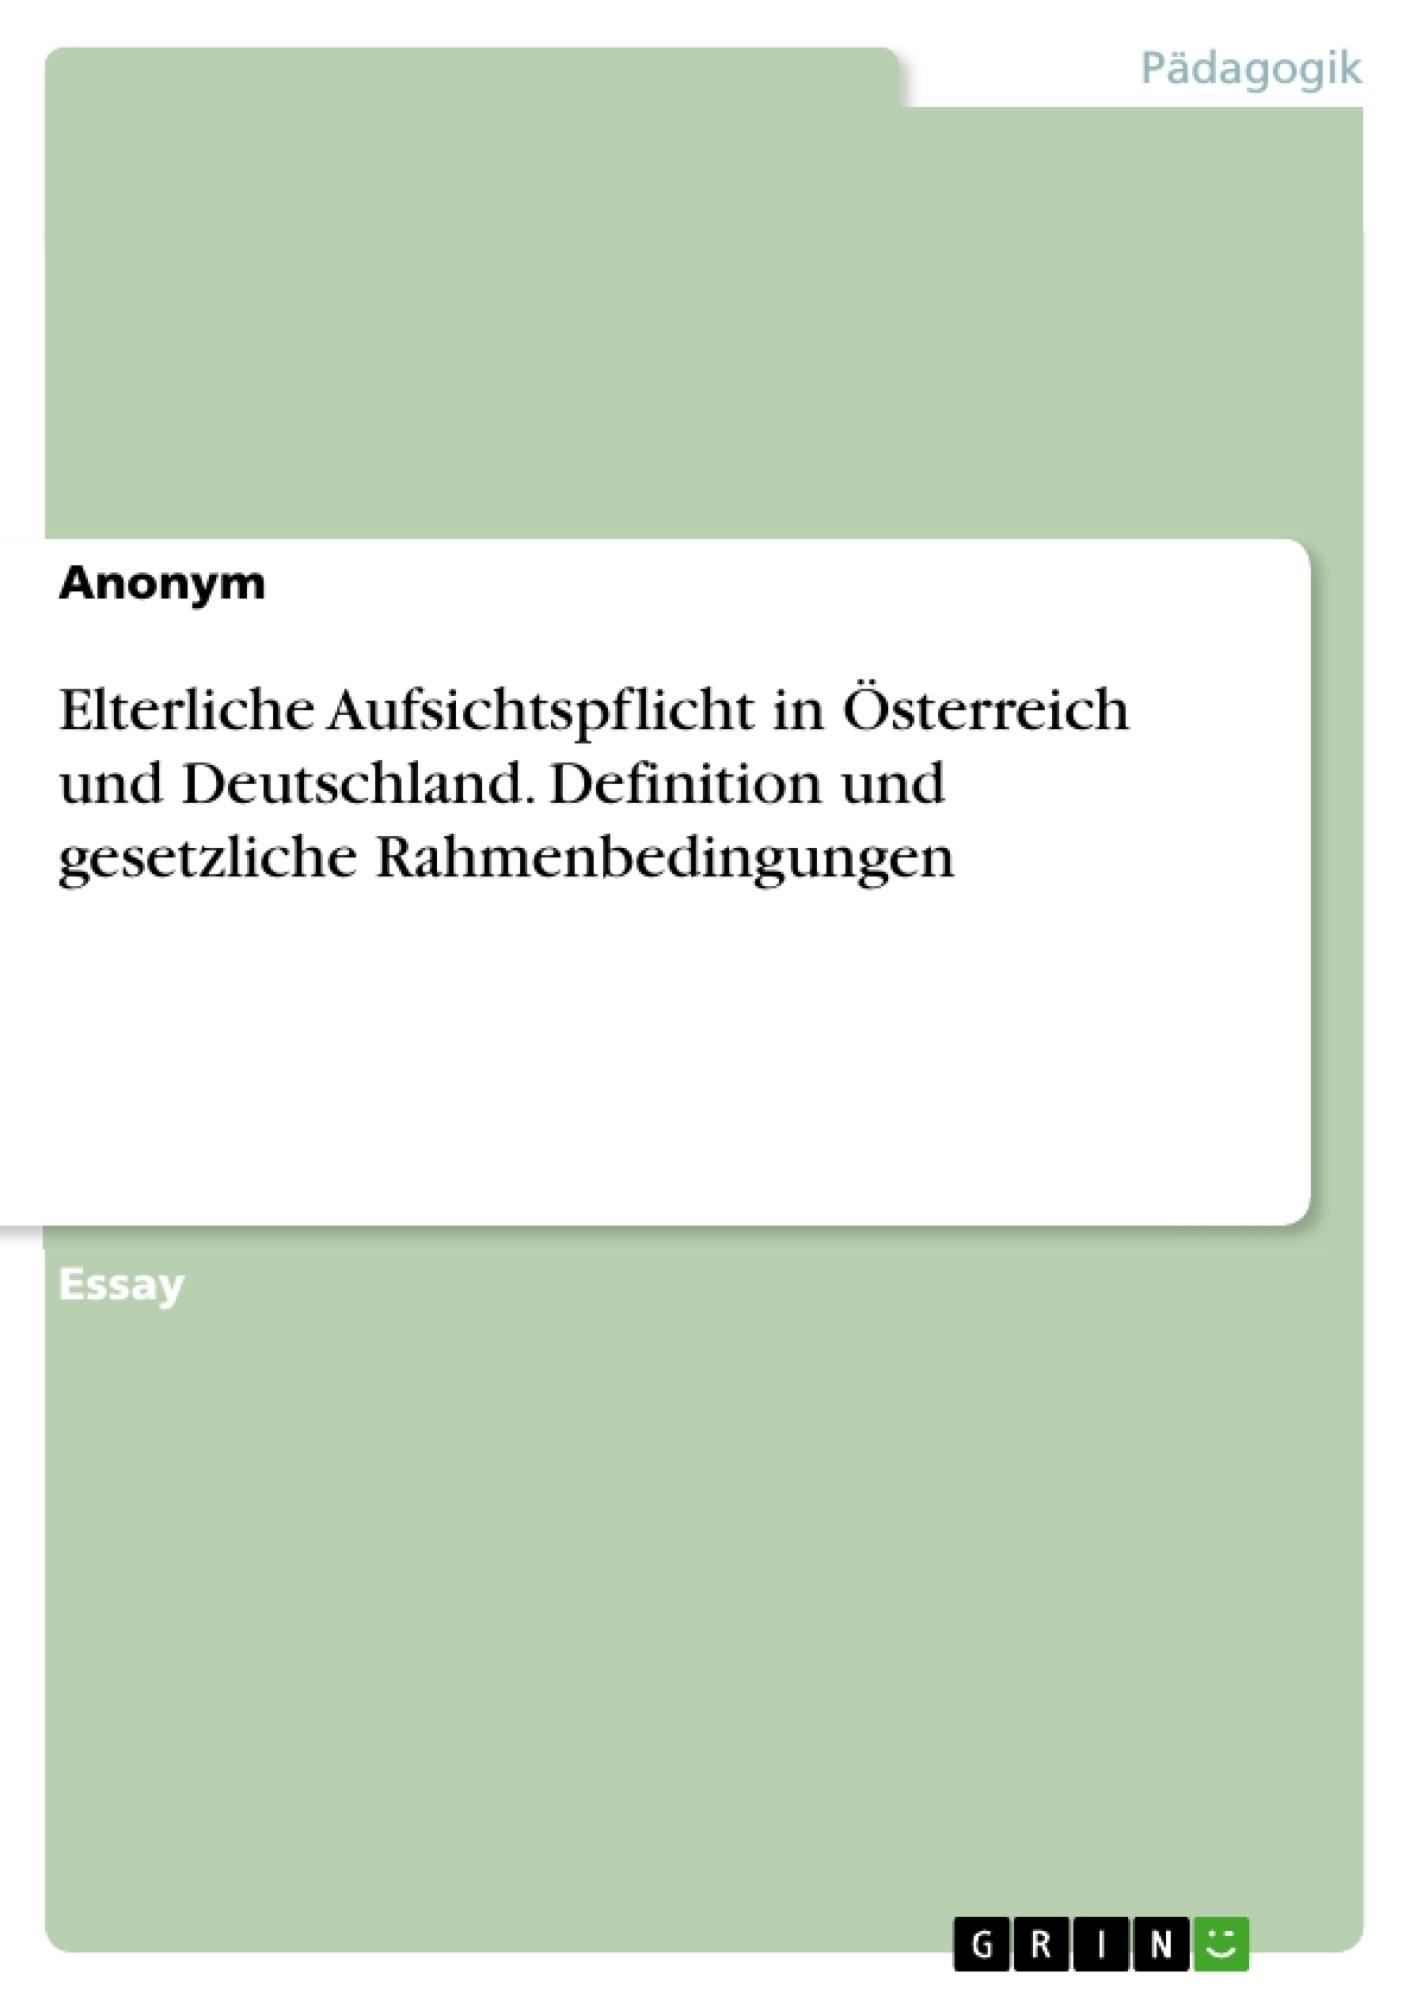 Titel: Elterliche Aufsichtspflicht in Österreich und Deutschland. Definition und gesetzliche Rahmenbedingungen